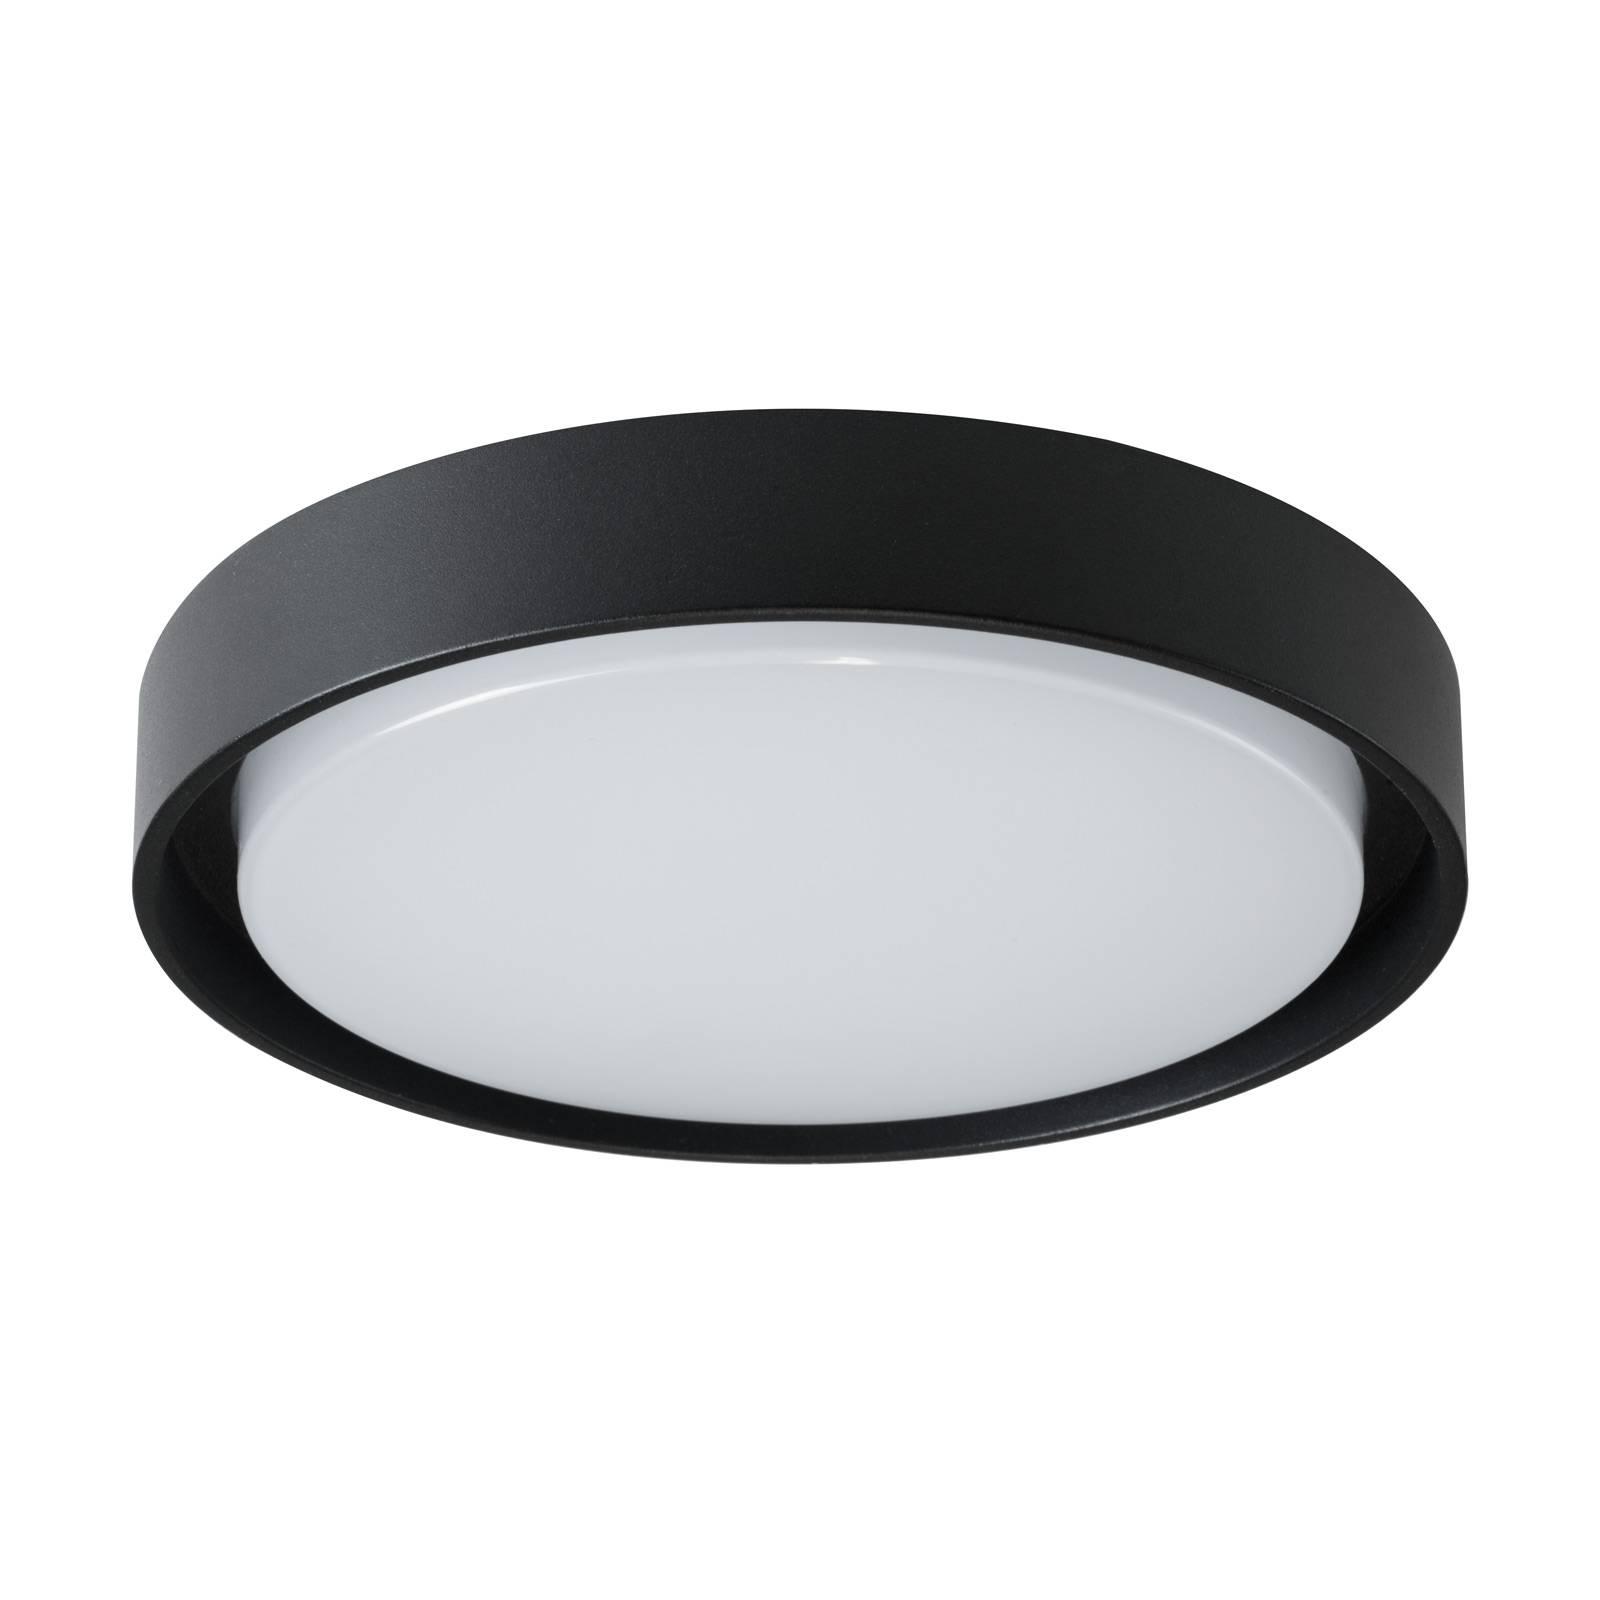 BRUMBERG 60107 LED-Deckenleuchte, rund